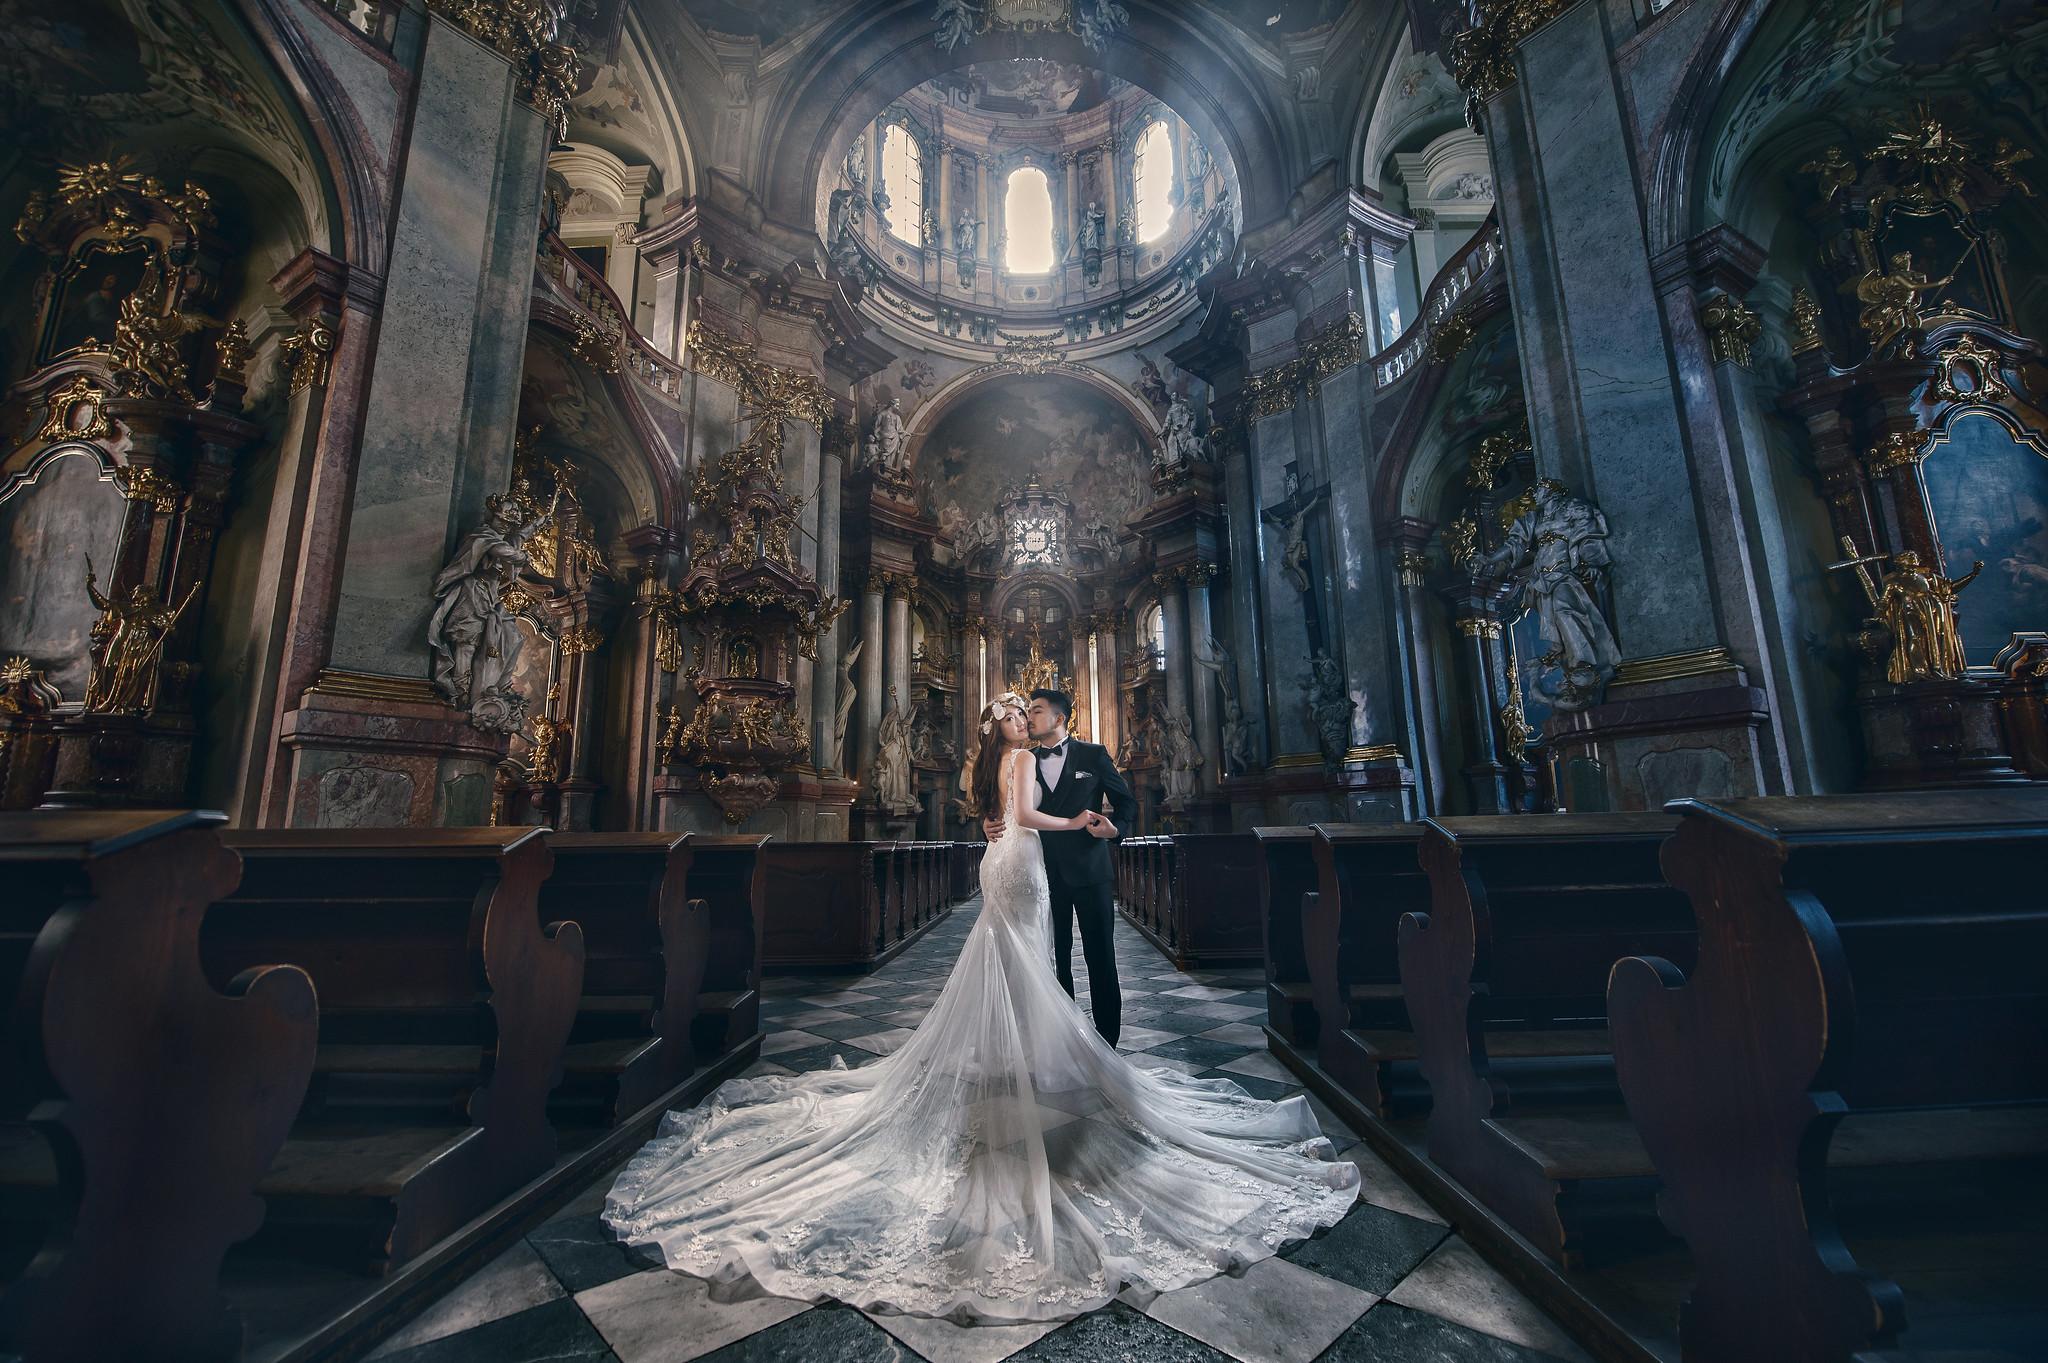 婚攝東法, 海外婚紗, 旅行婚紗, Donfer, Donfer Photography, 藝術婚紗, 婚紗影像, Praha, 布拉格婚紗